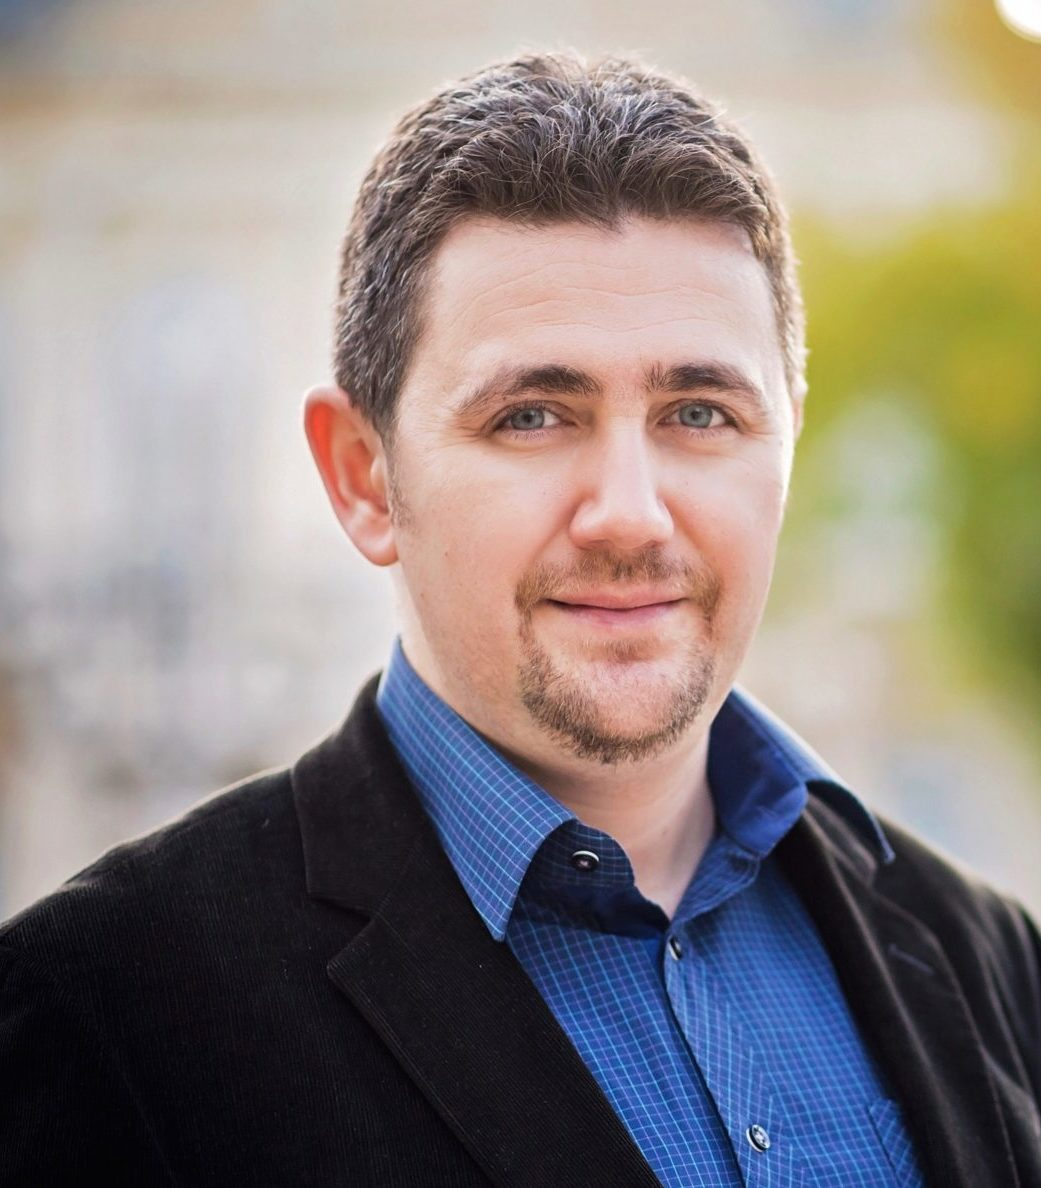 Емилиян Енев за дигиталното предприемачество и практичните блокчейн приложения